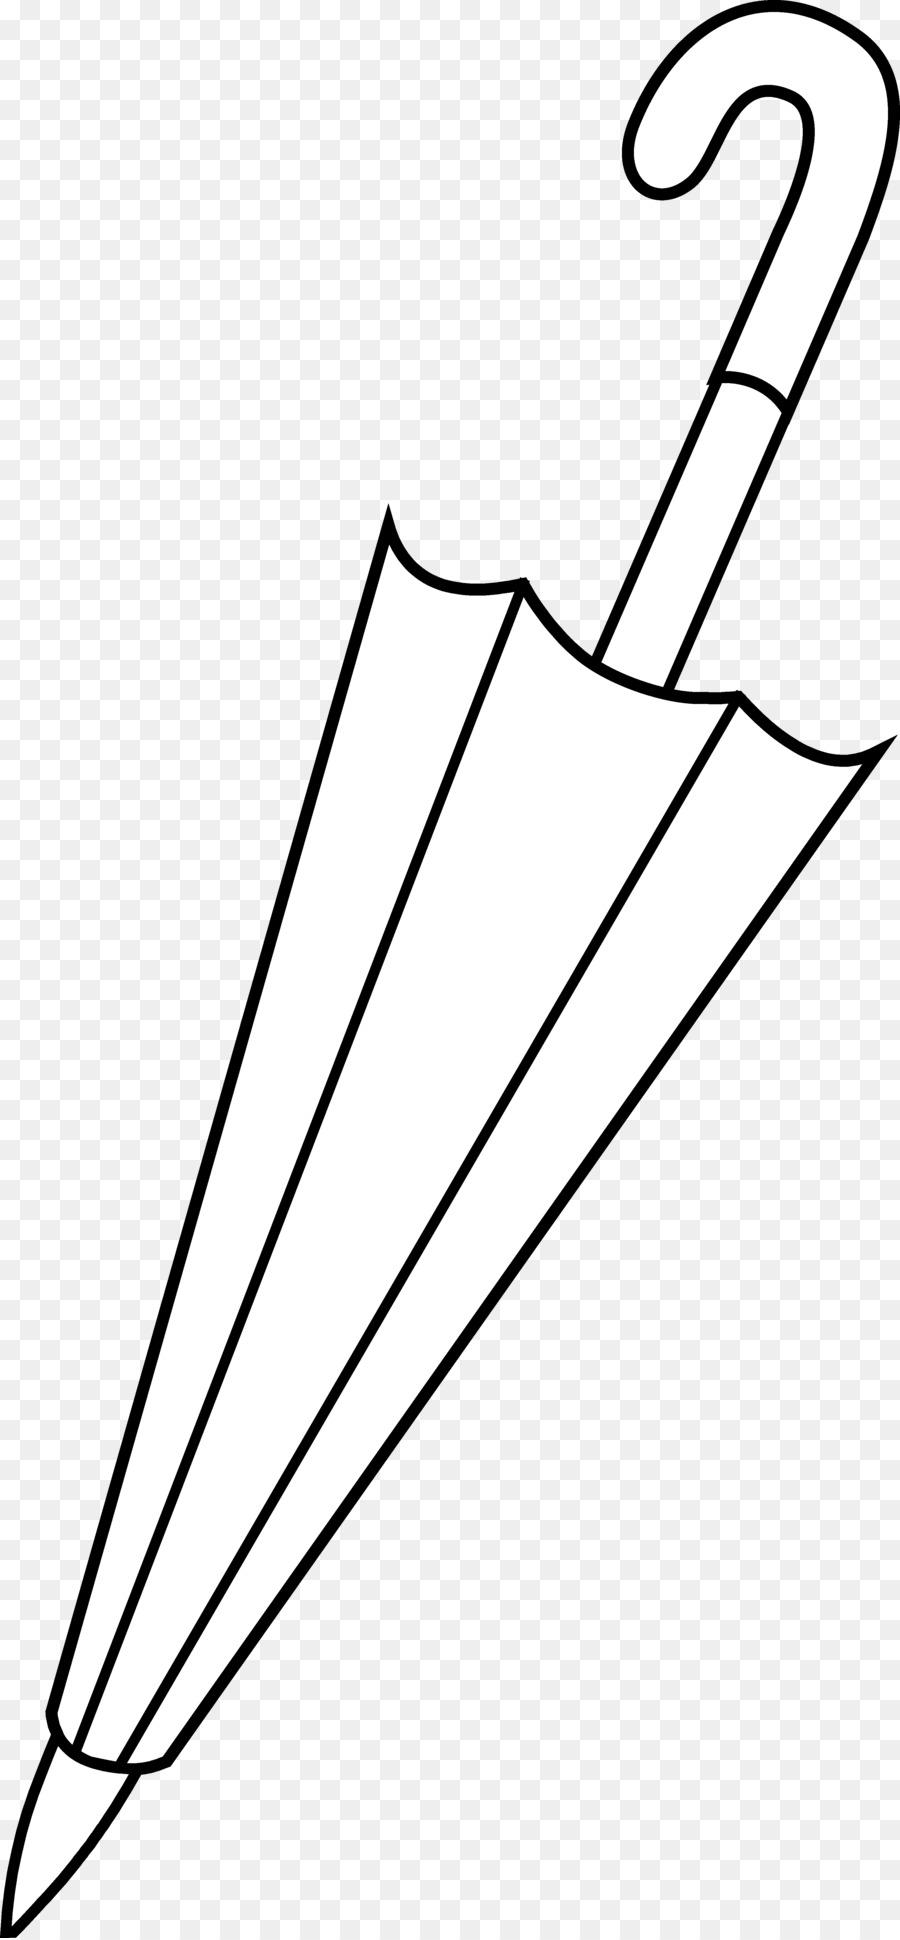 Línea de dibujo en el arte de Clip art - sombrilla de playa Formatos ...